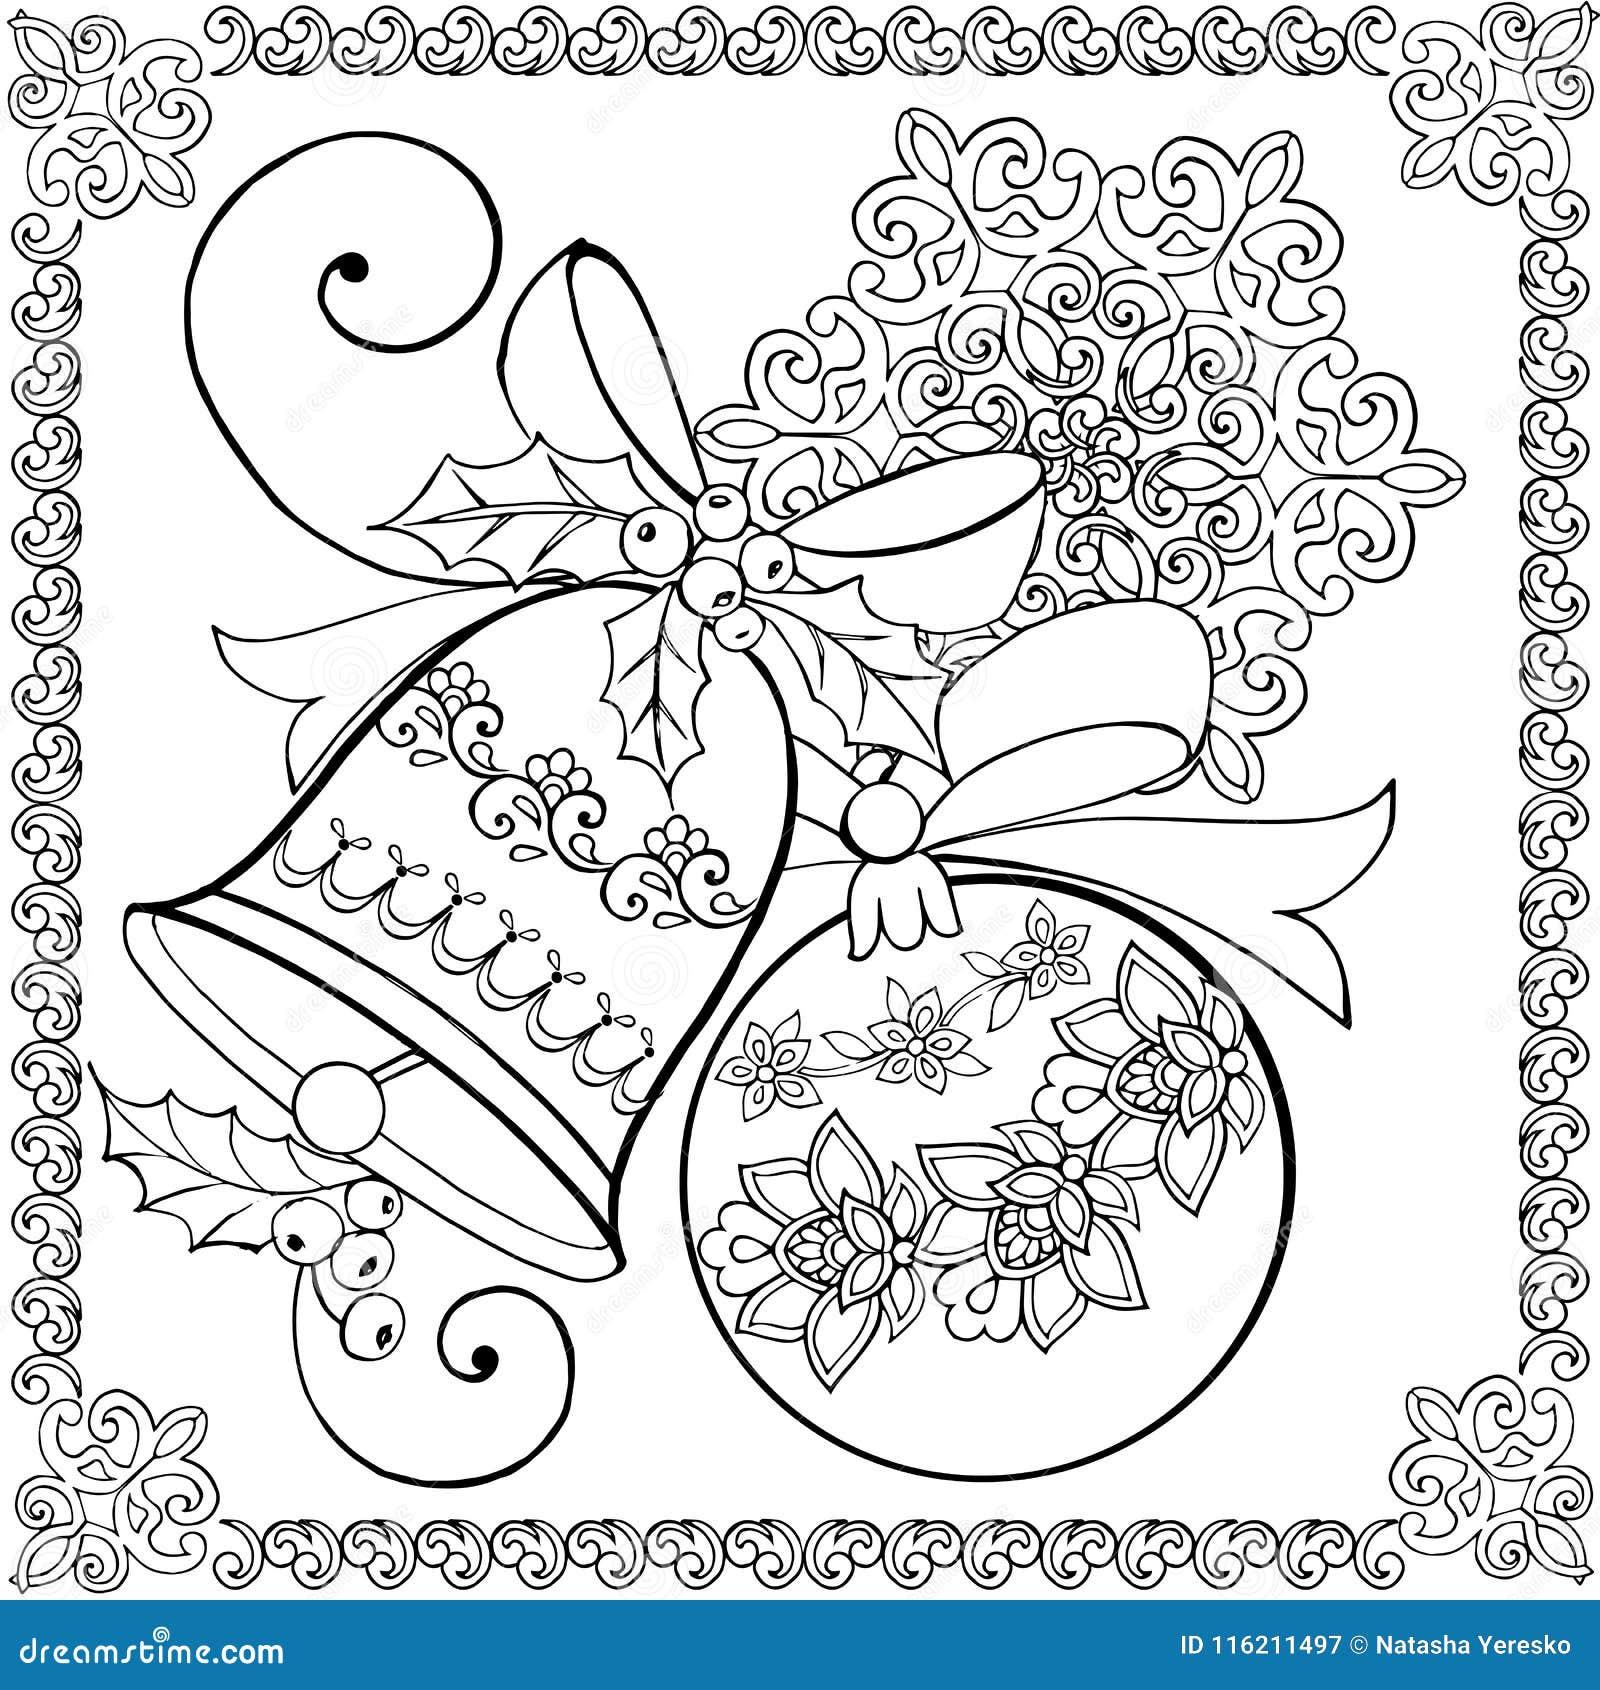 Hand Drawing Christmas Bell, Christmas Ball And Snowflake For The ...